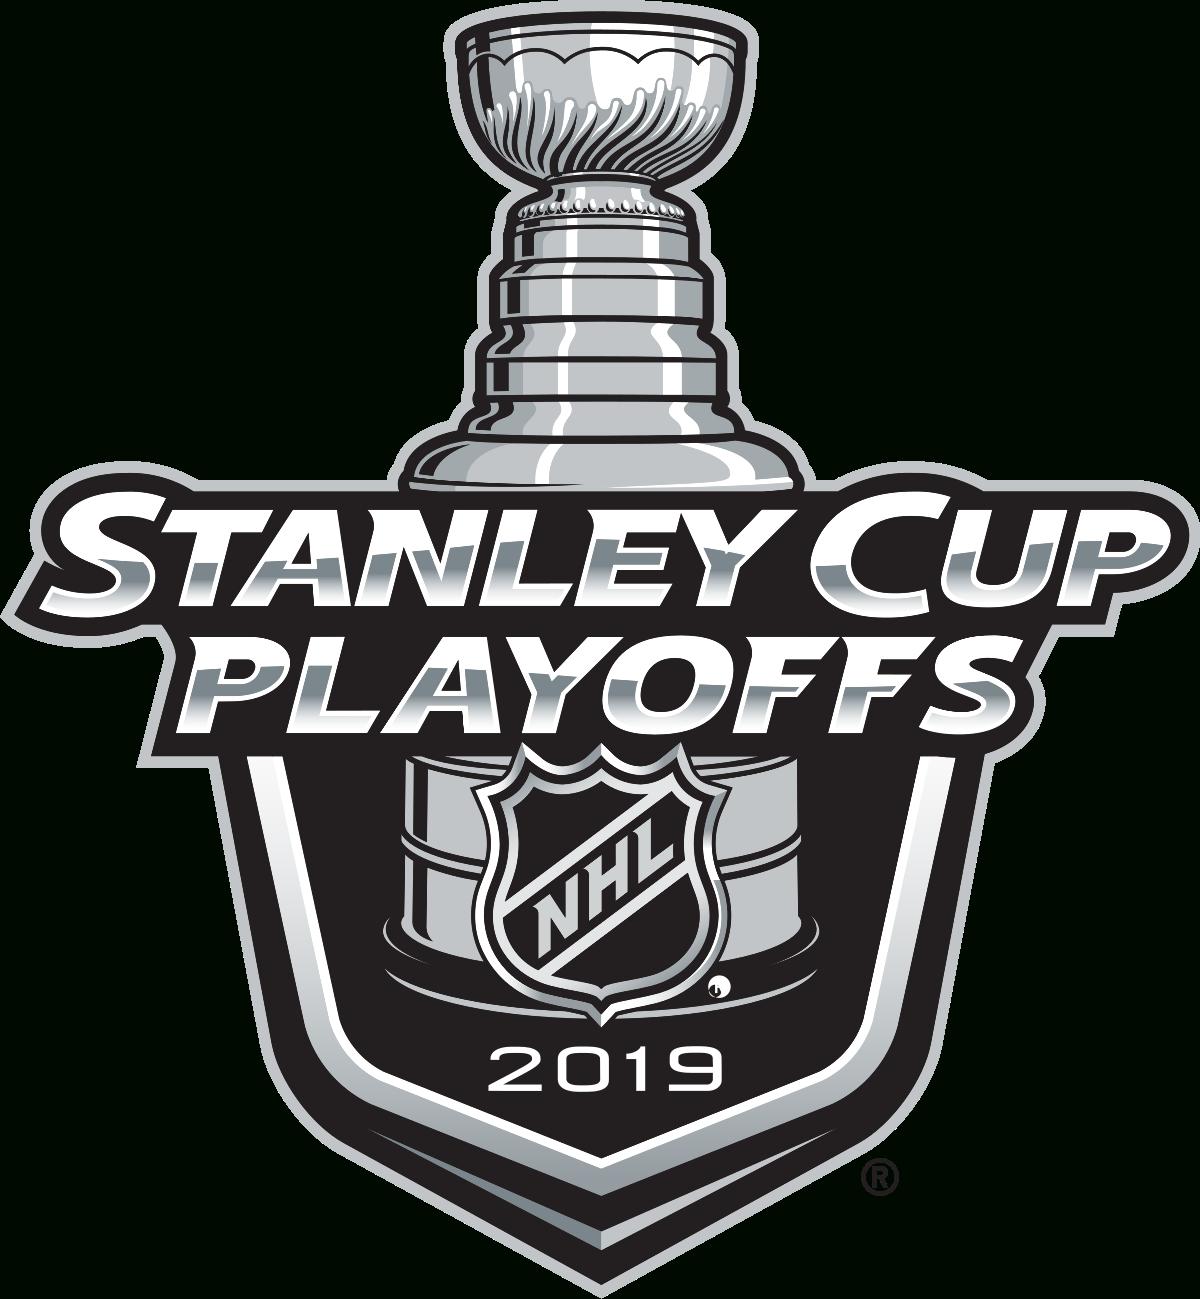 2019 Stanley Cup Playoffs - Wikipedia throughout Nashville Predators Schedule 2019 20 Printable